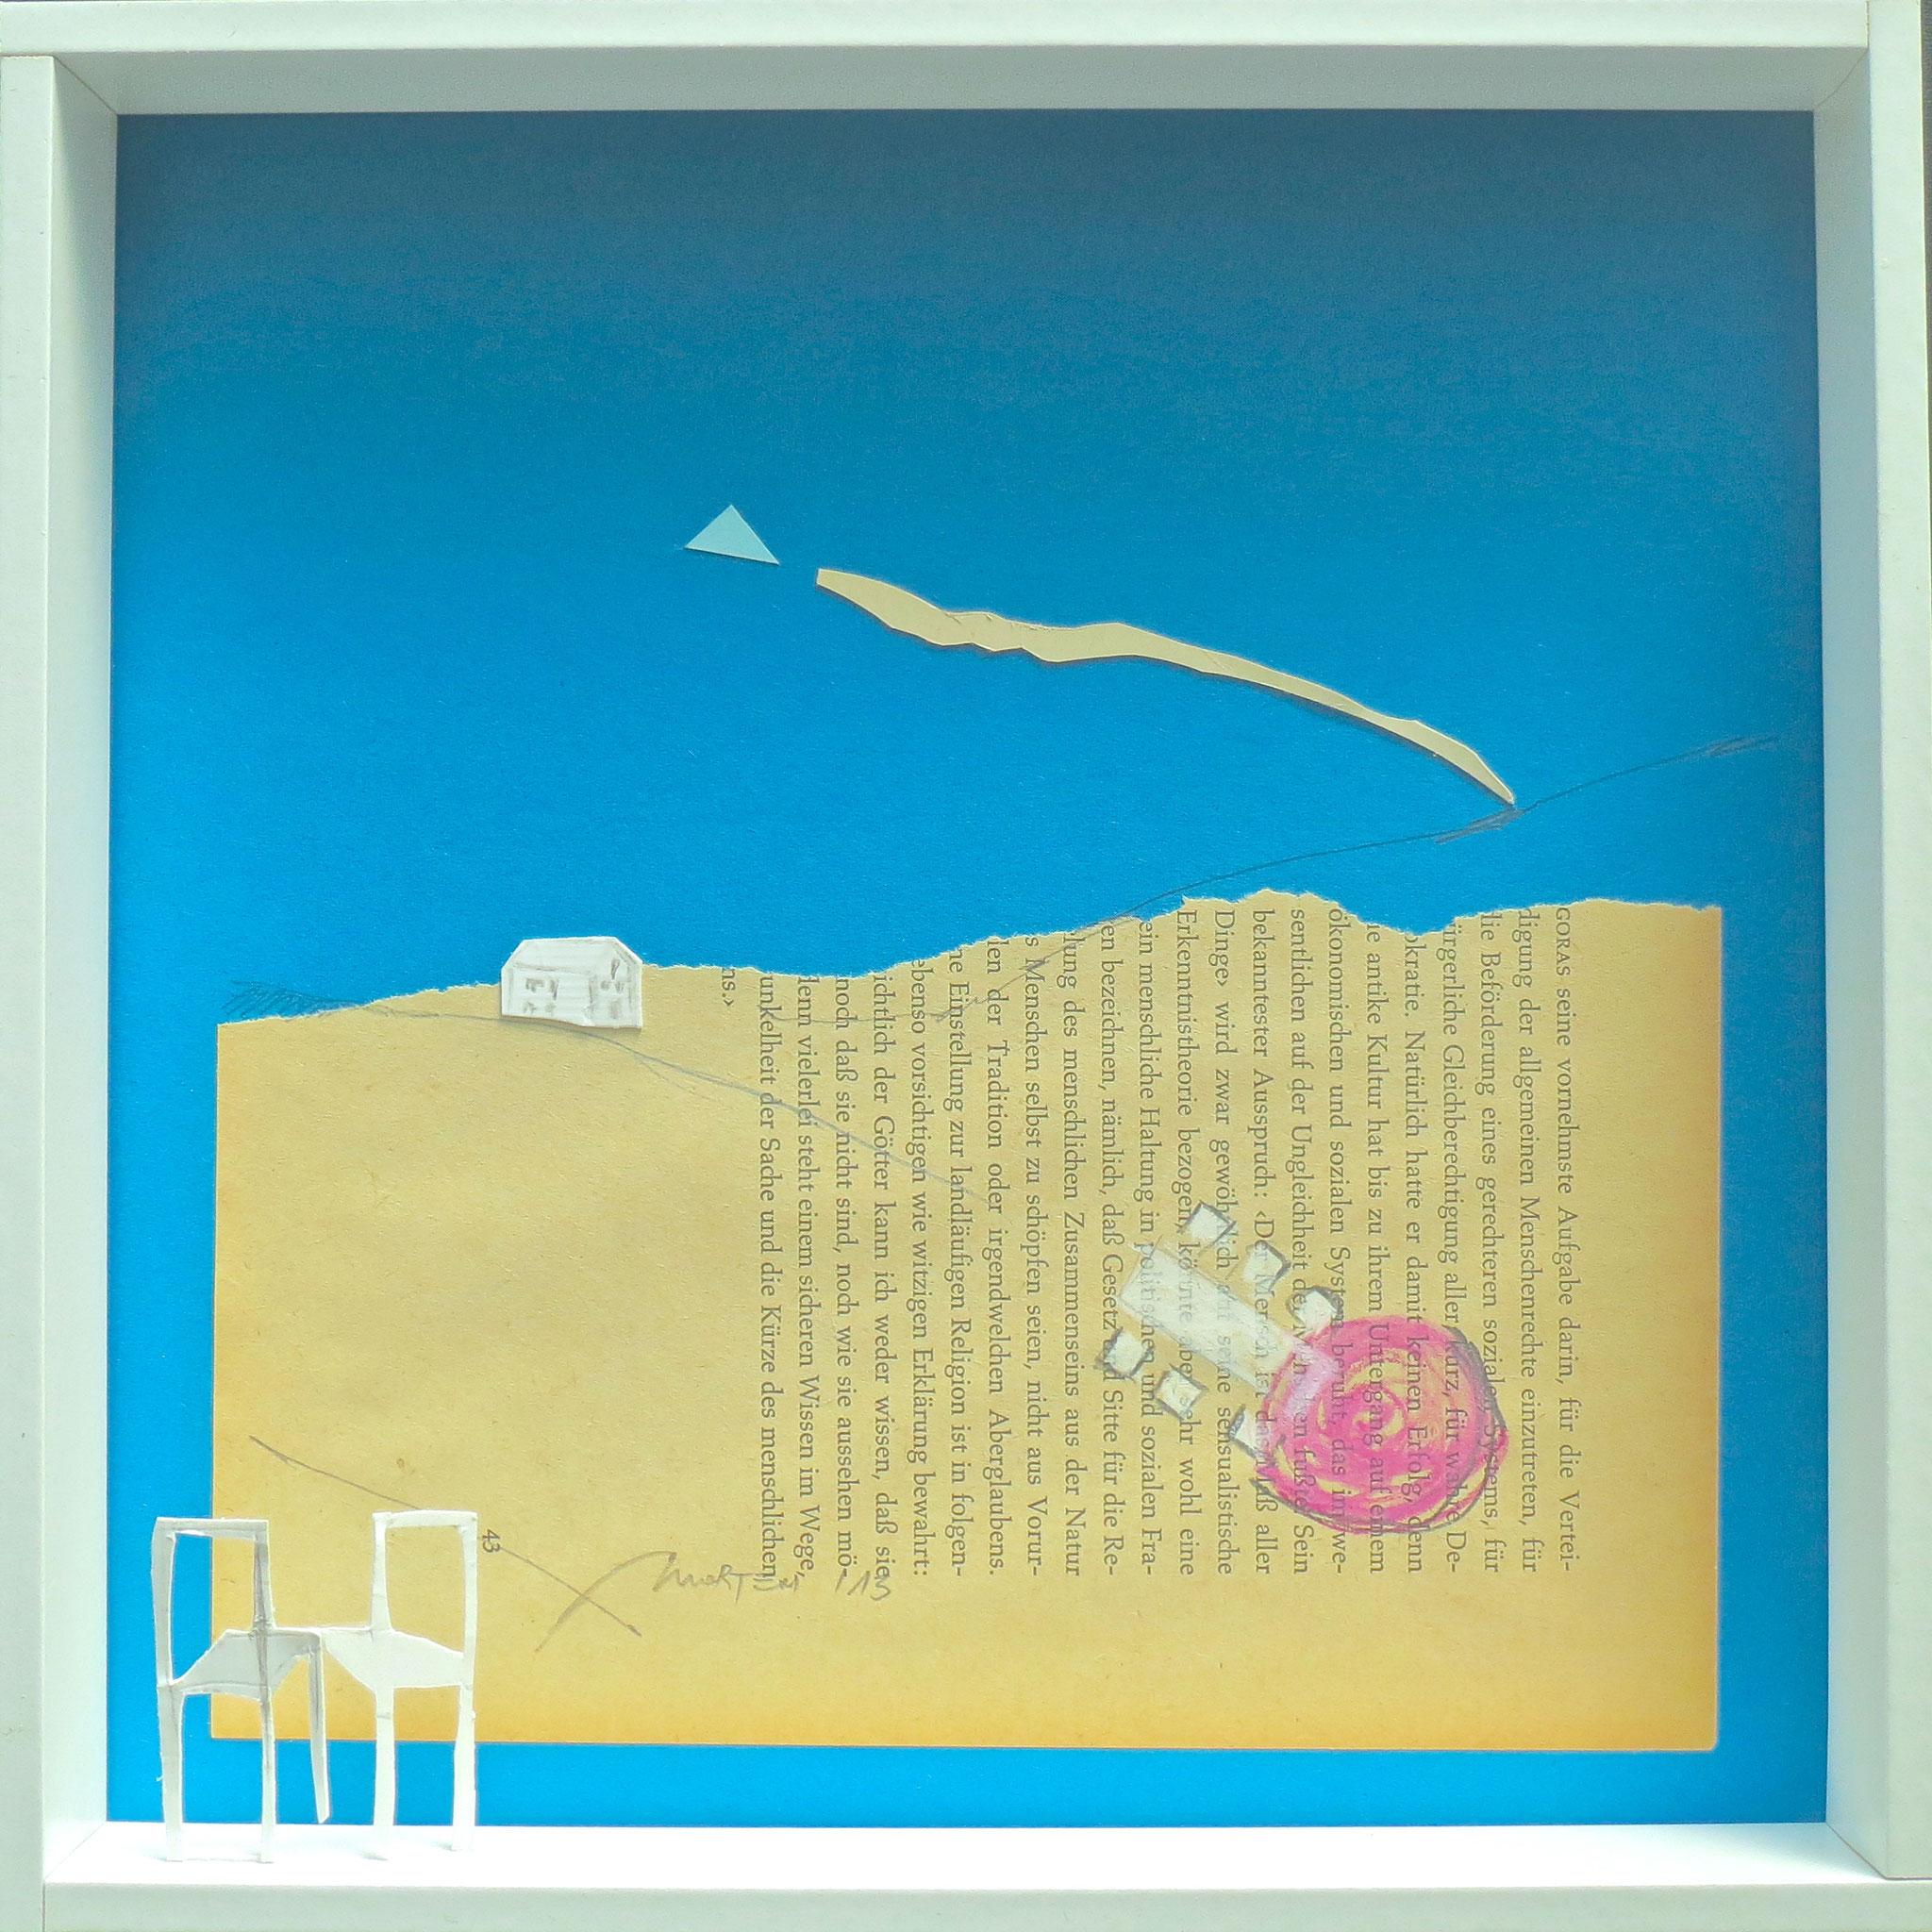 Heimatzyklus: Omis Gartenfest, Collage, 25x25cm, 2013